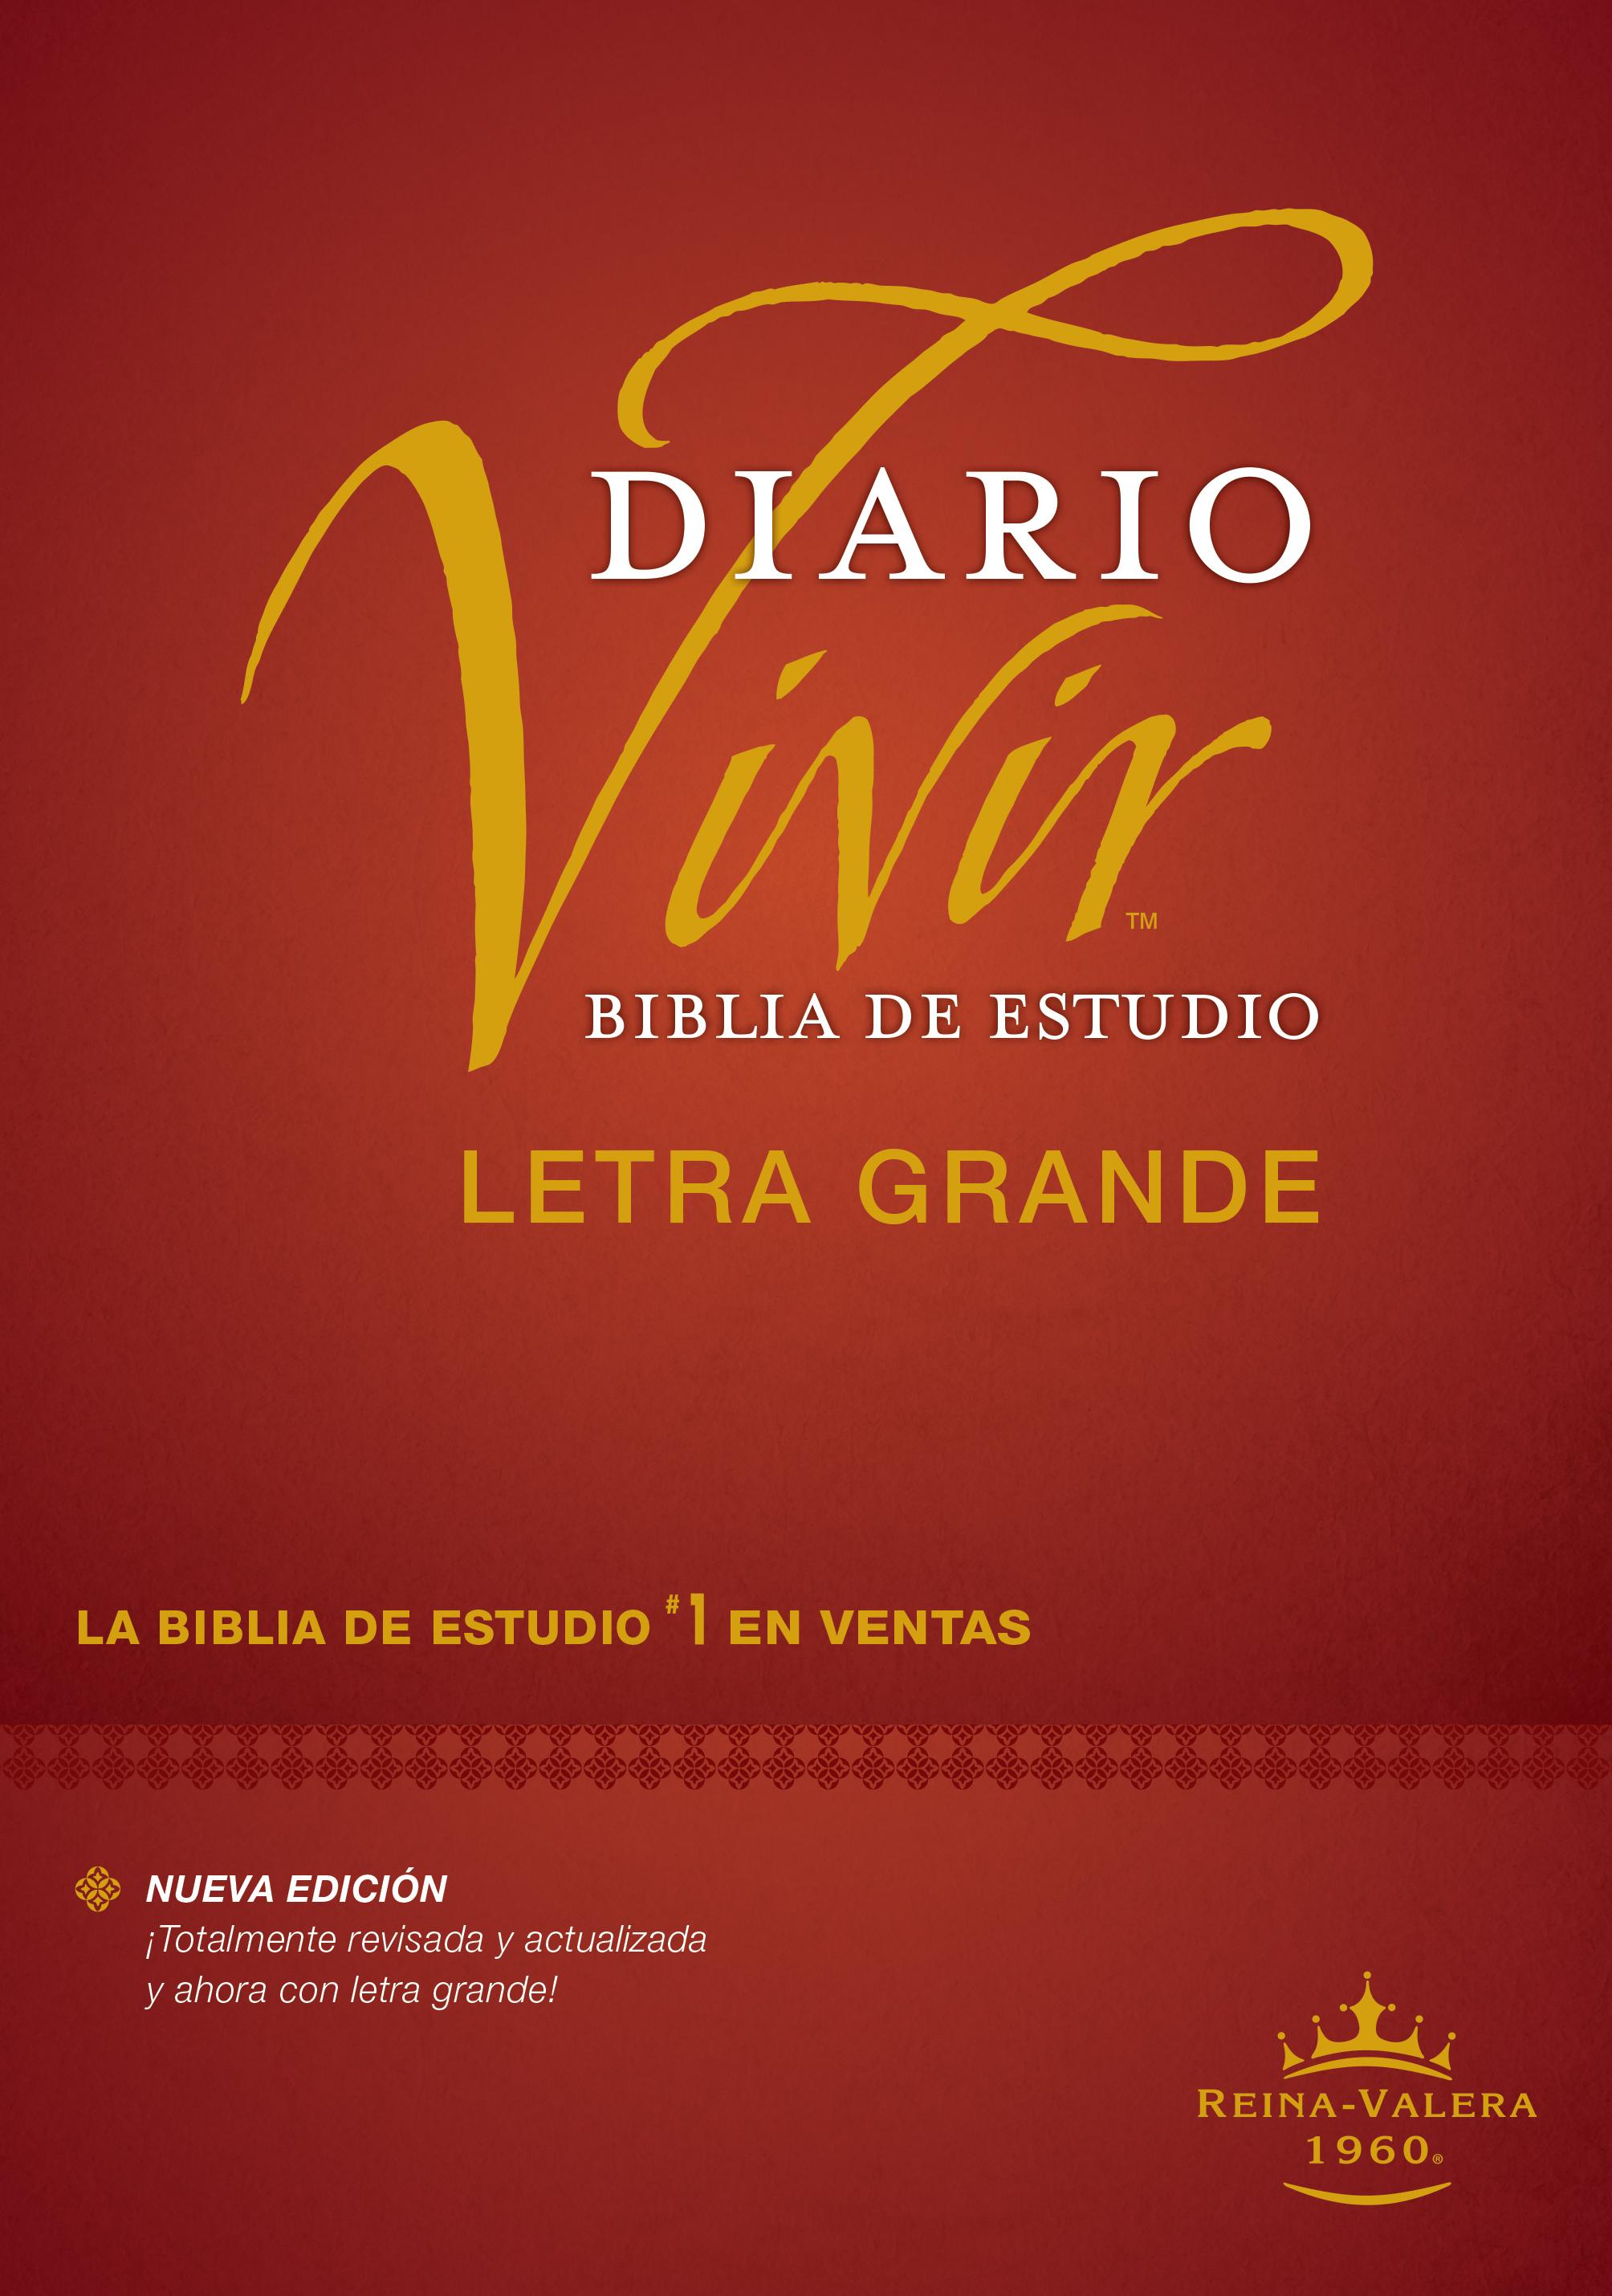 Biblia de estudio del diario vivir RVR60, letra grande (Letra Roja, Tapa dura, Índice)